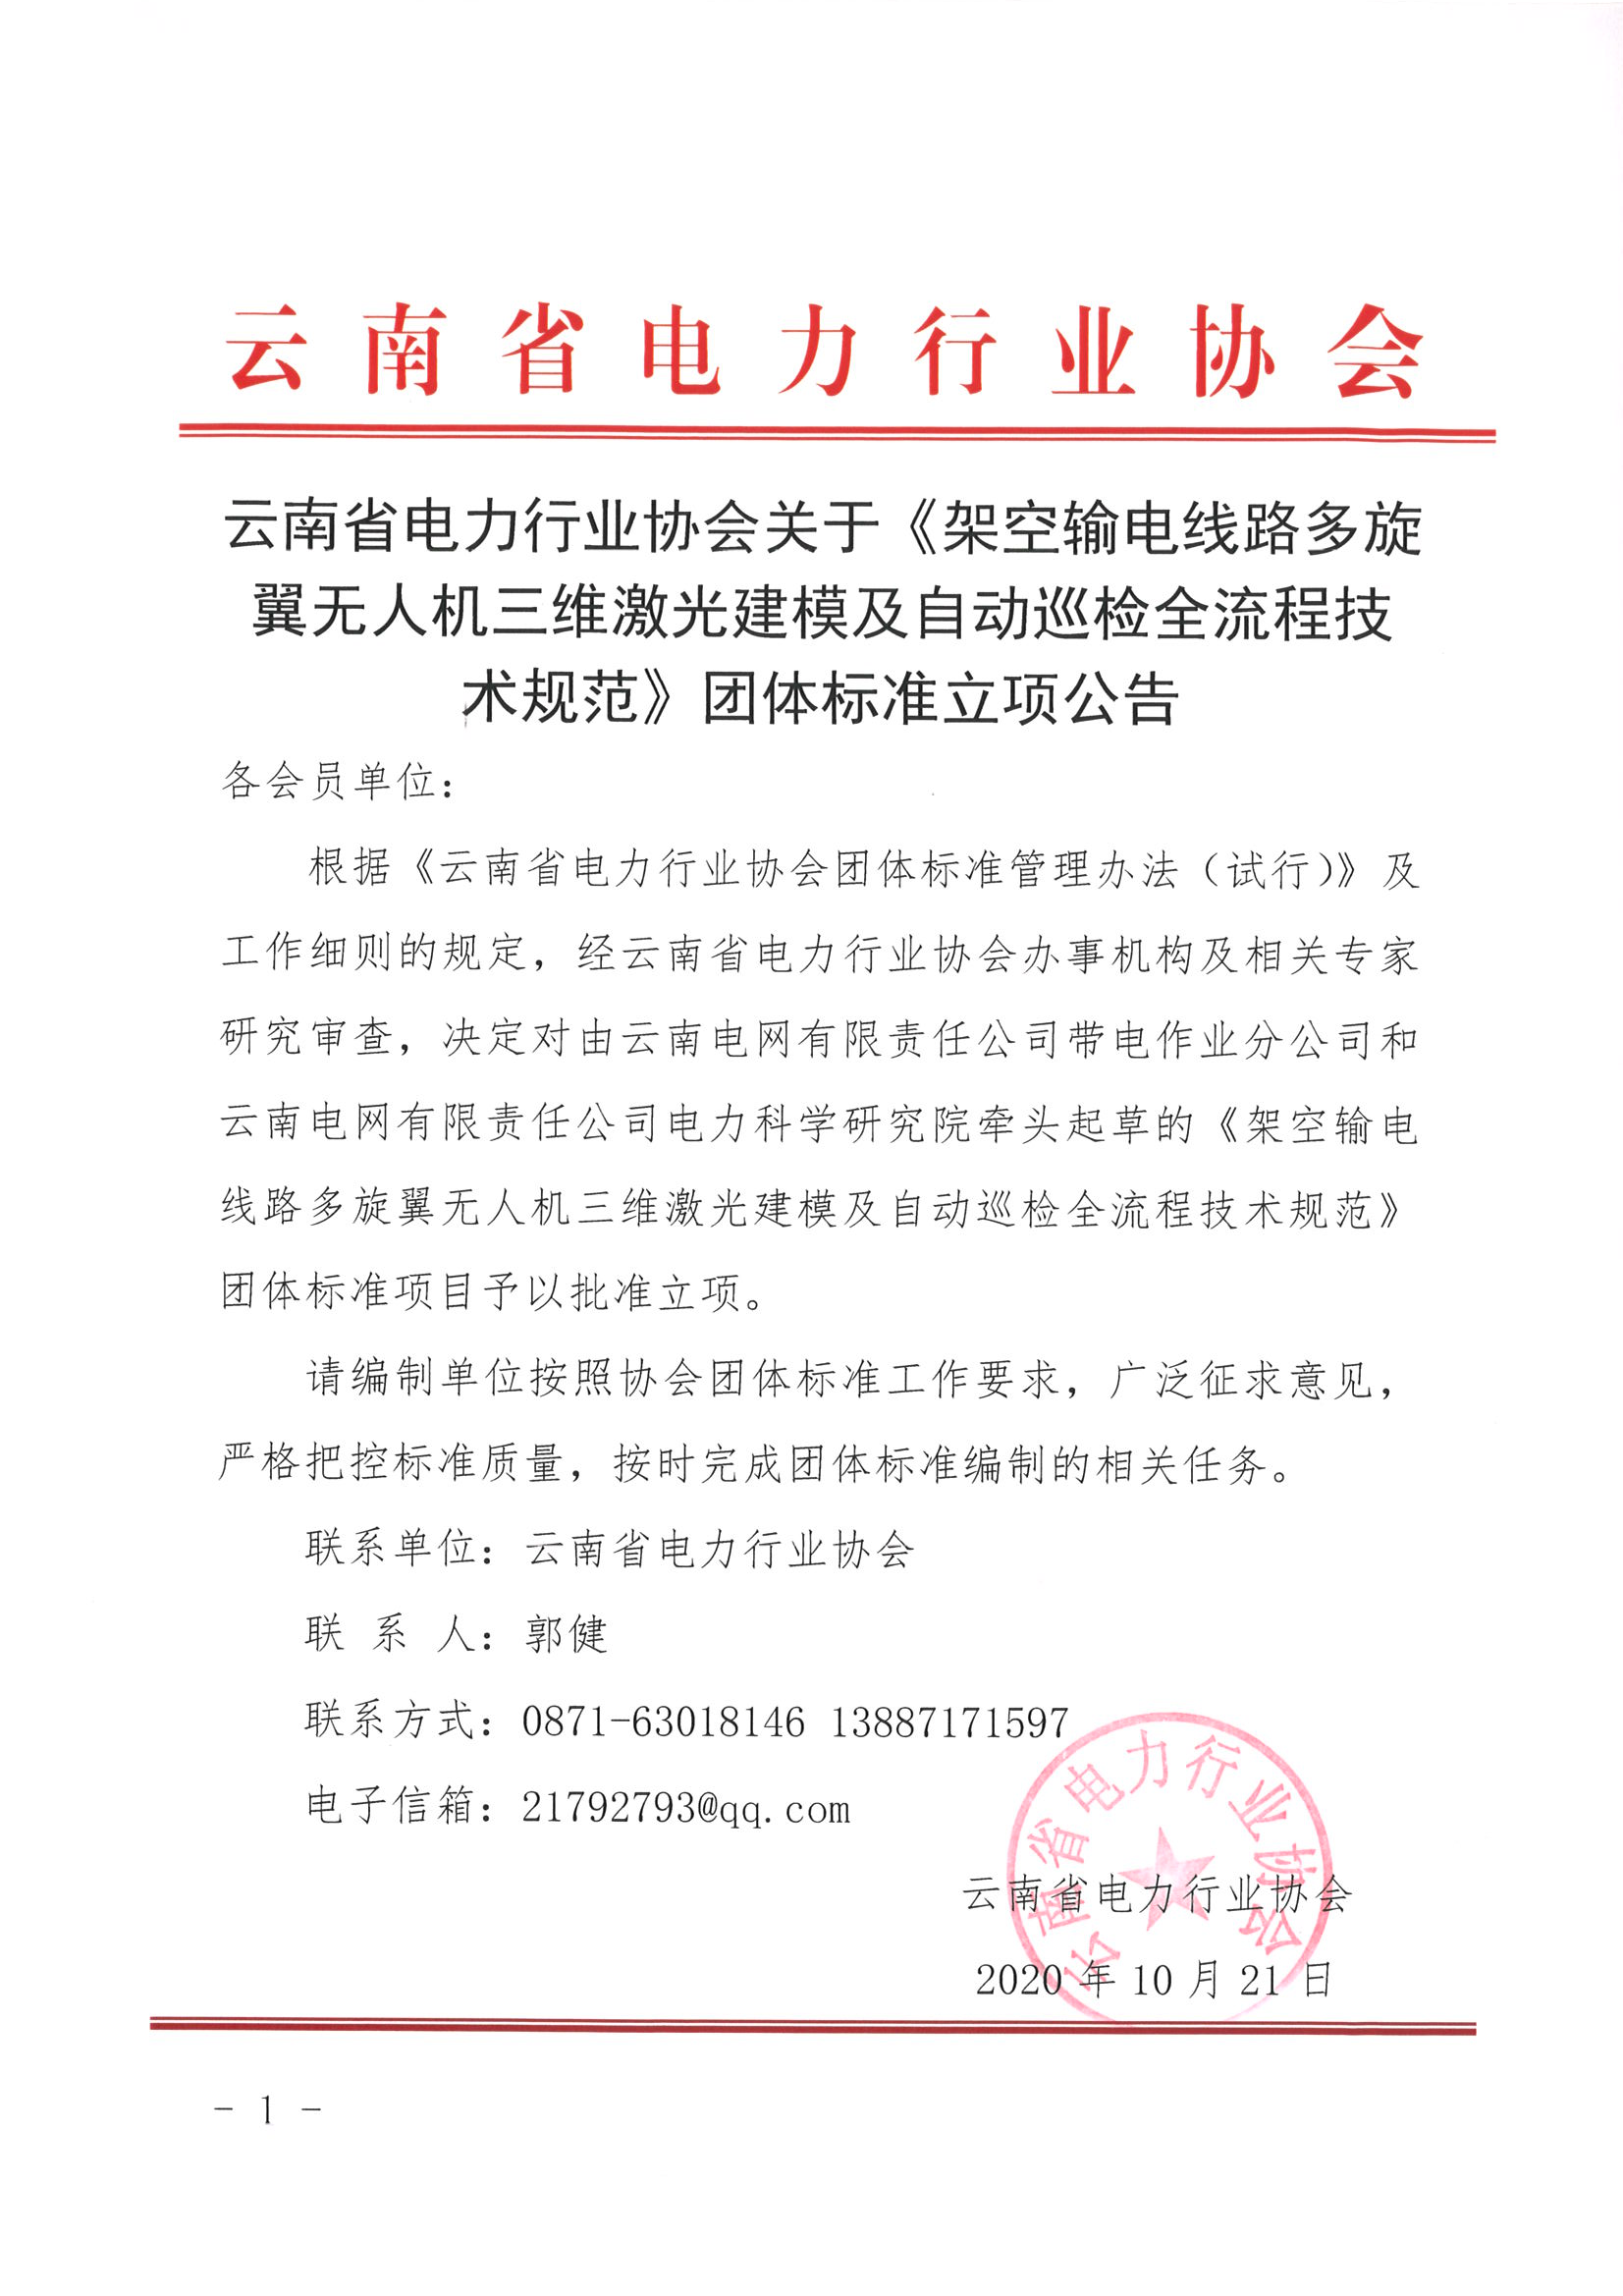 云南省电力行业协会关于《架空输电线路多旋翼无人机三维激光建模及自动巡检全流程技术规范》团体标准立项公告_1.png